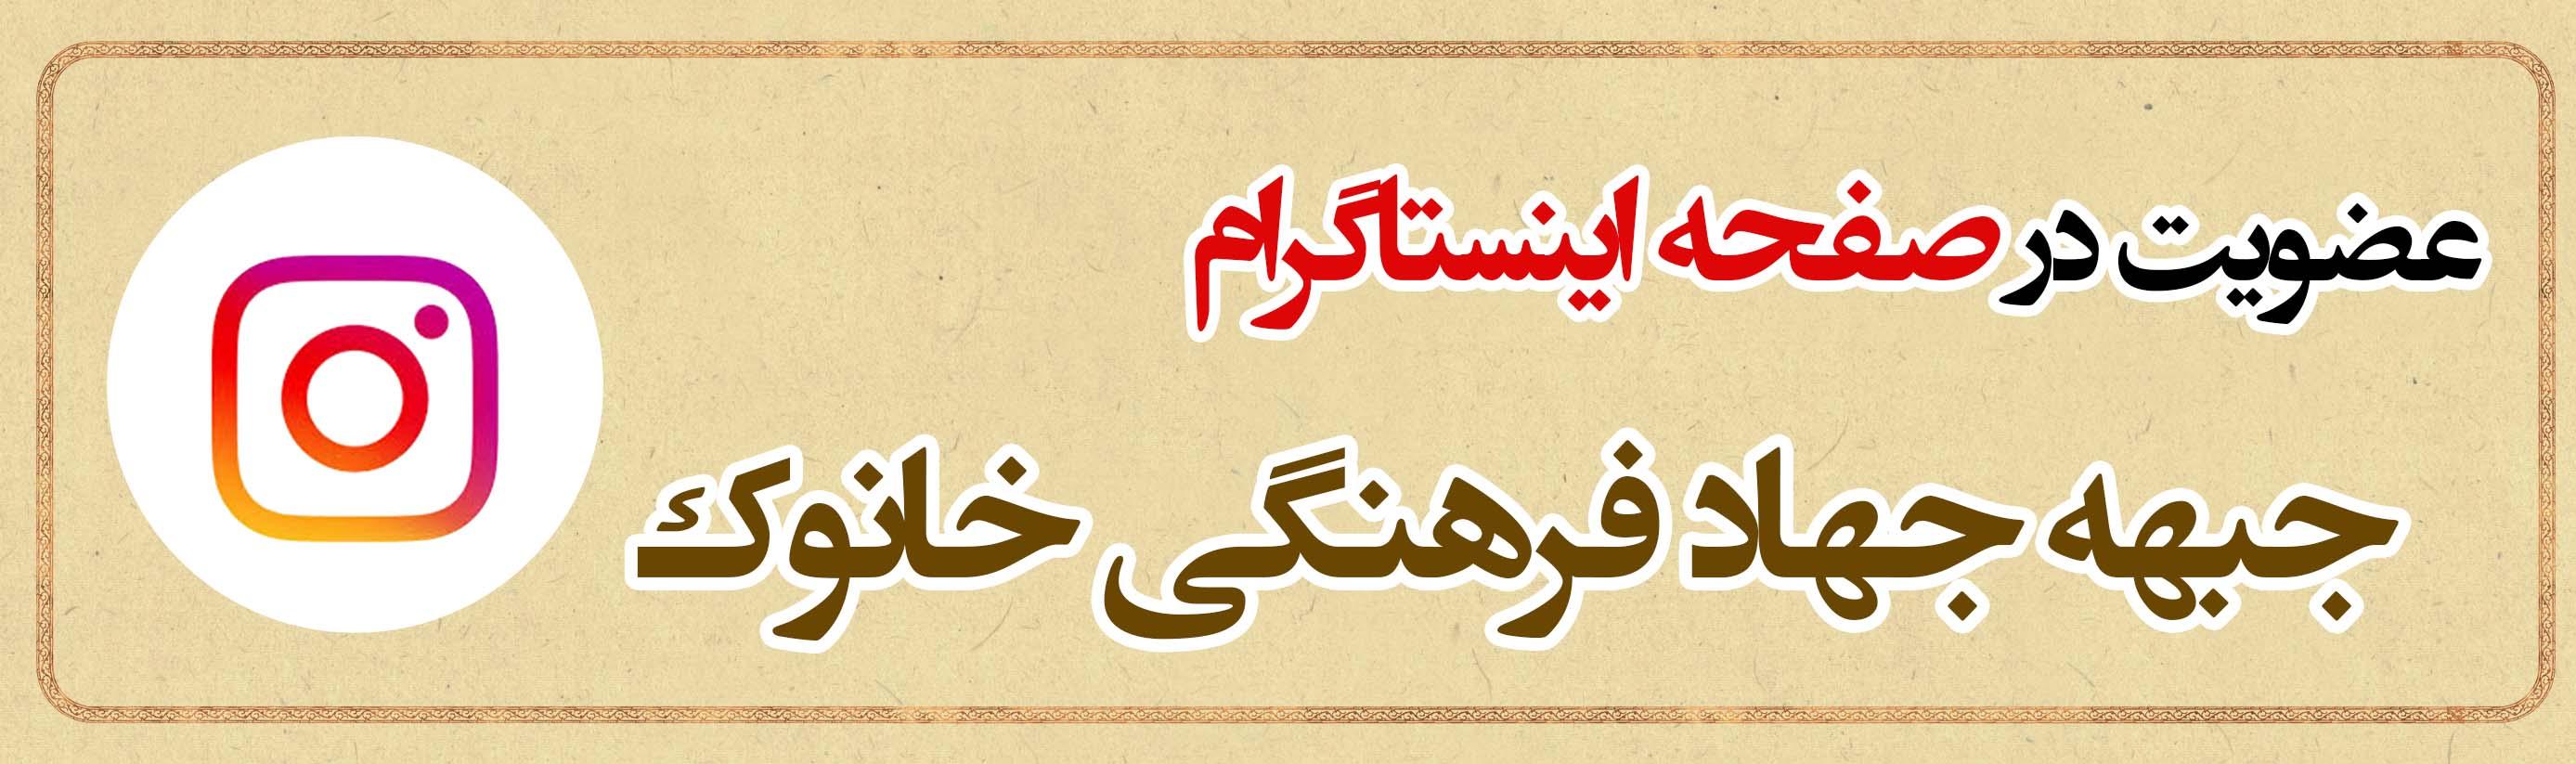 عضویت در صفحه اینستاگرام جبهه جهاد فرهنگی خانوک